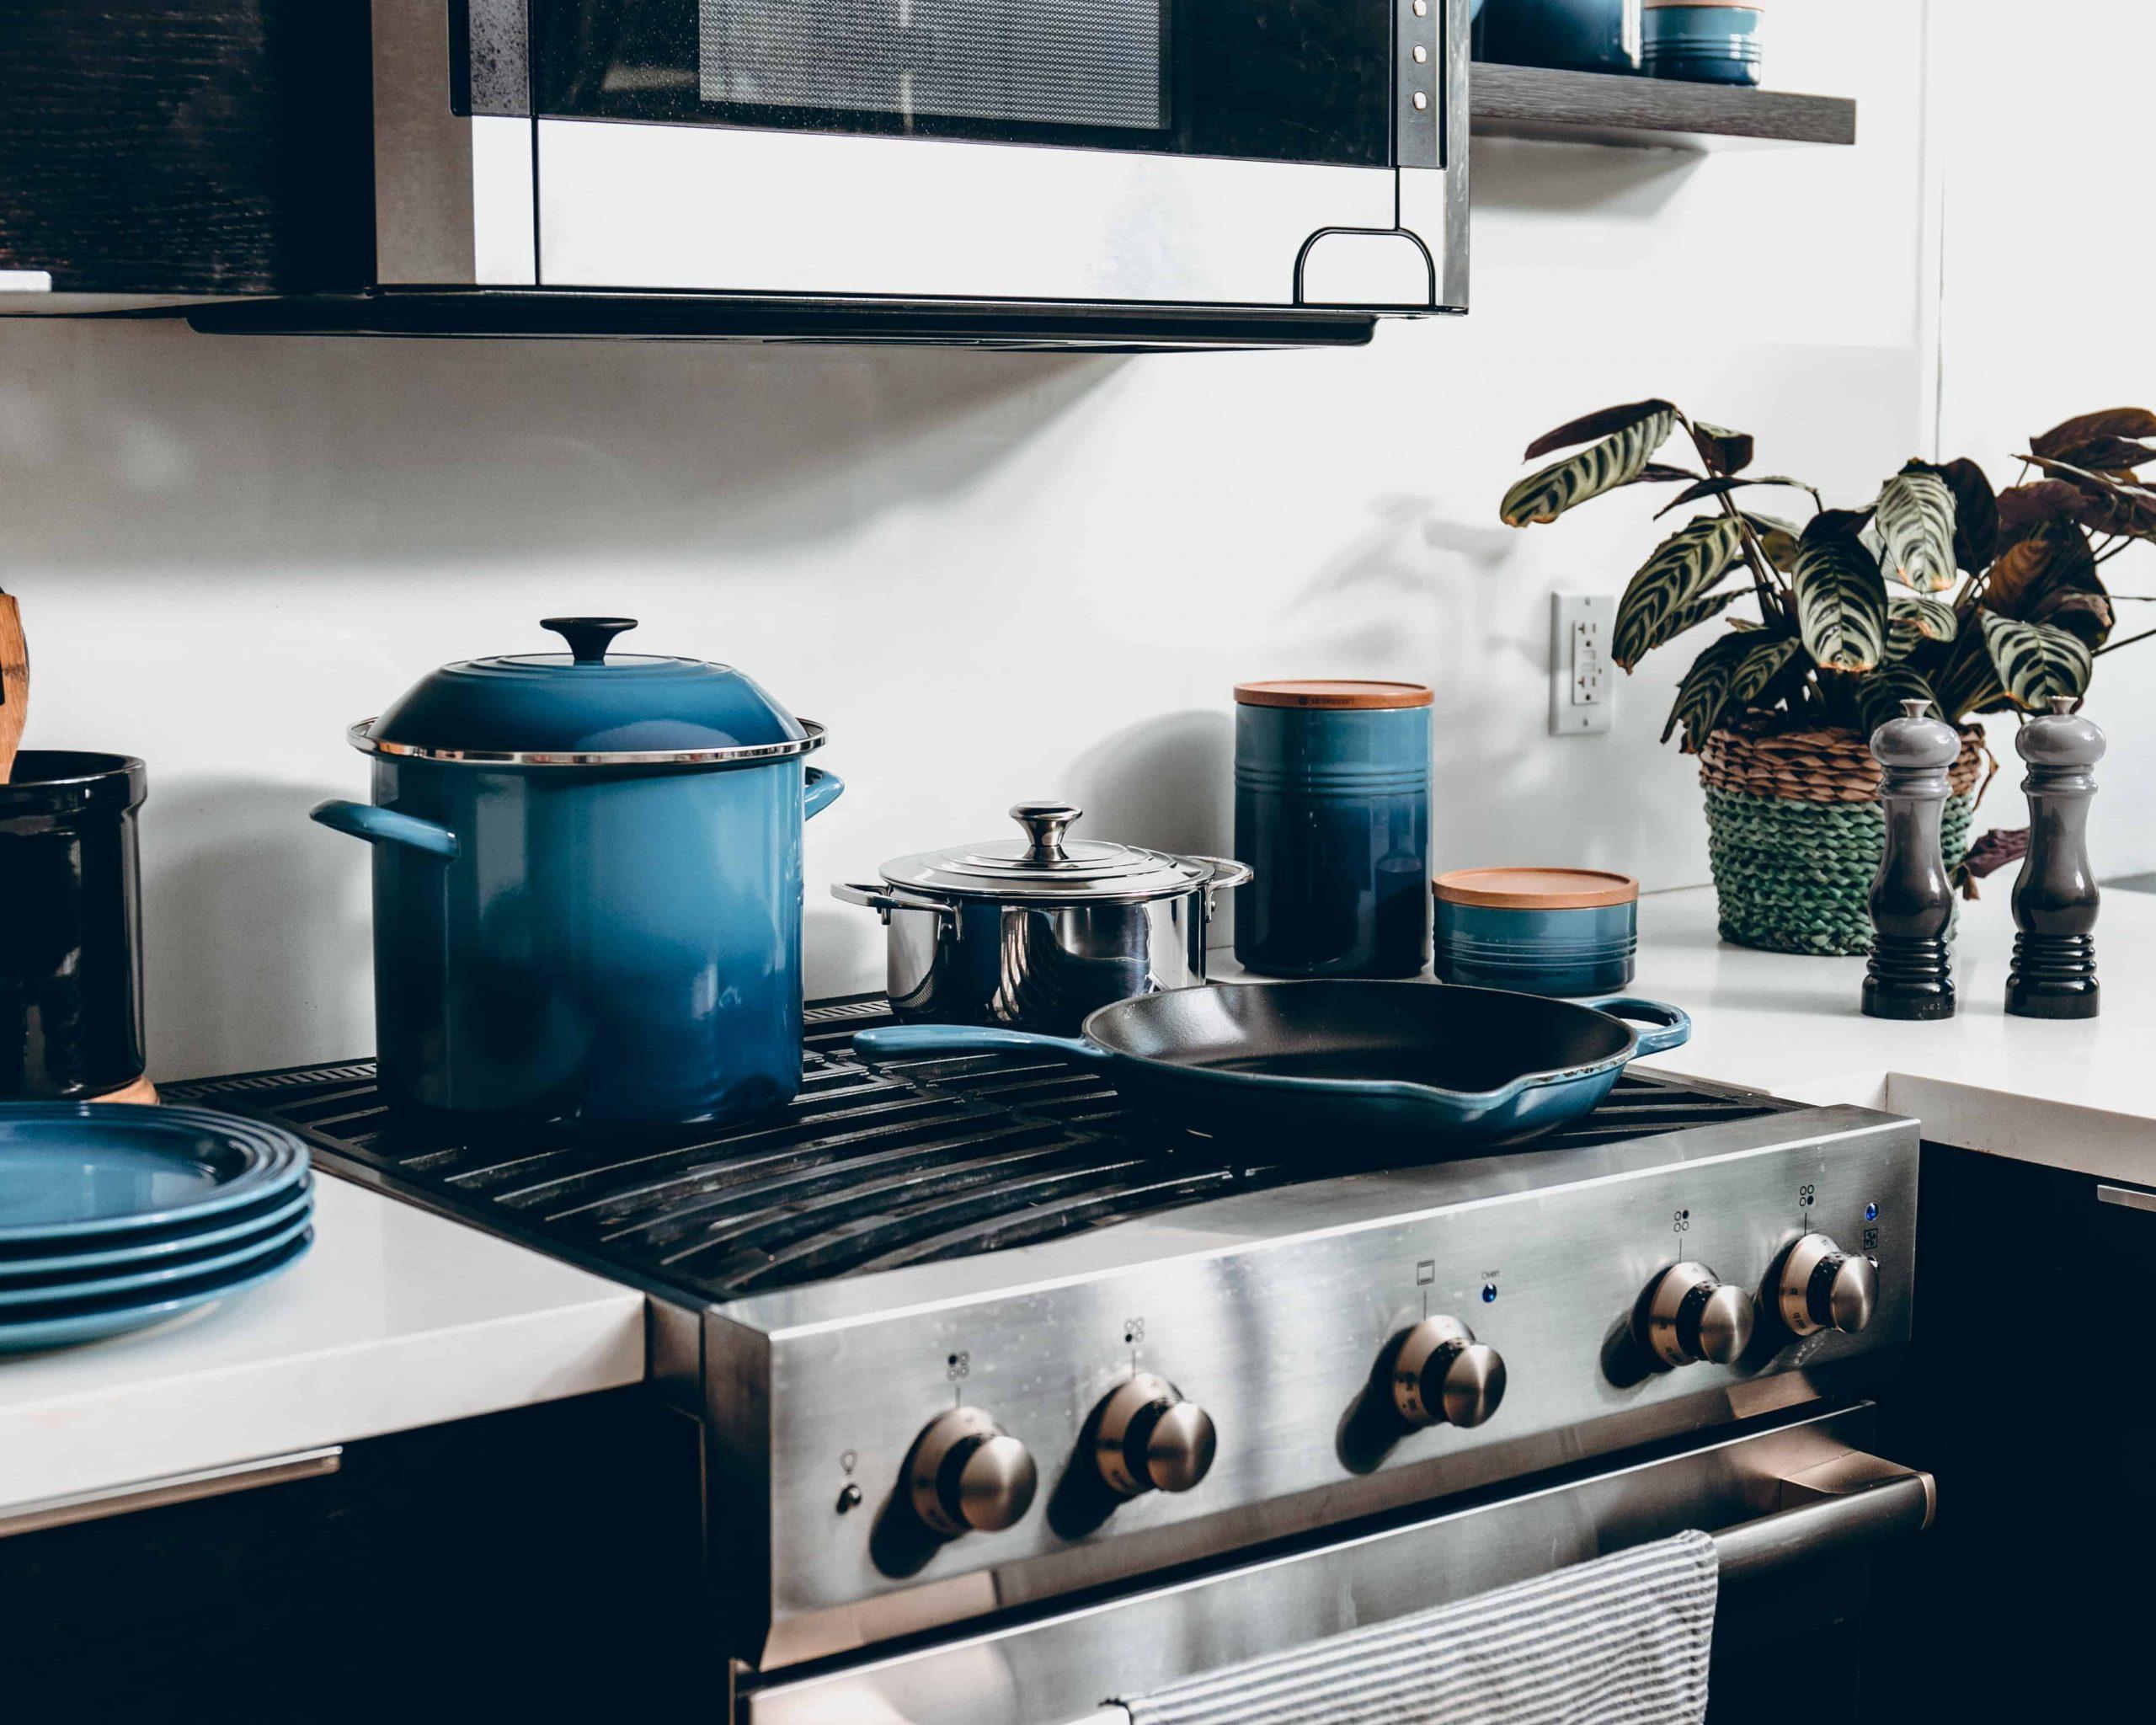 Ofen reinigen: Die besten Hausmittel und Tipps